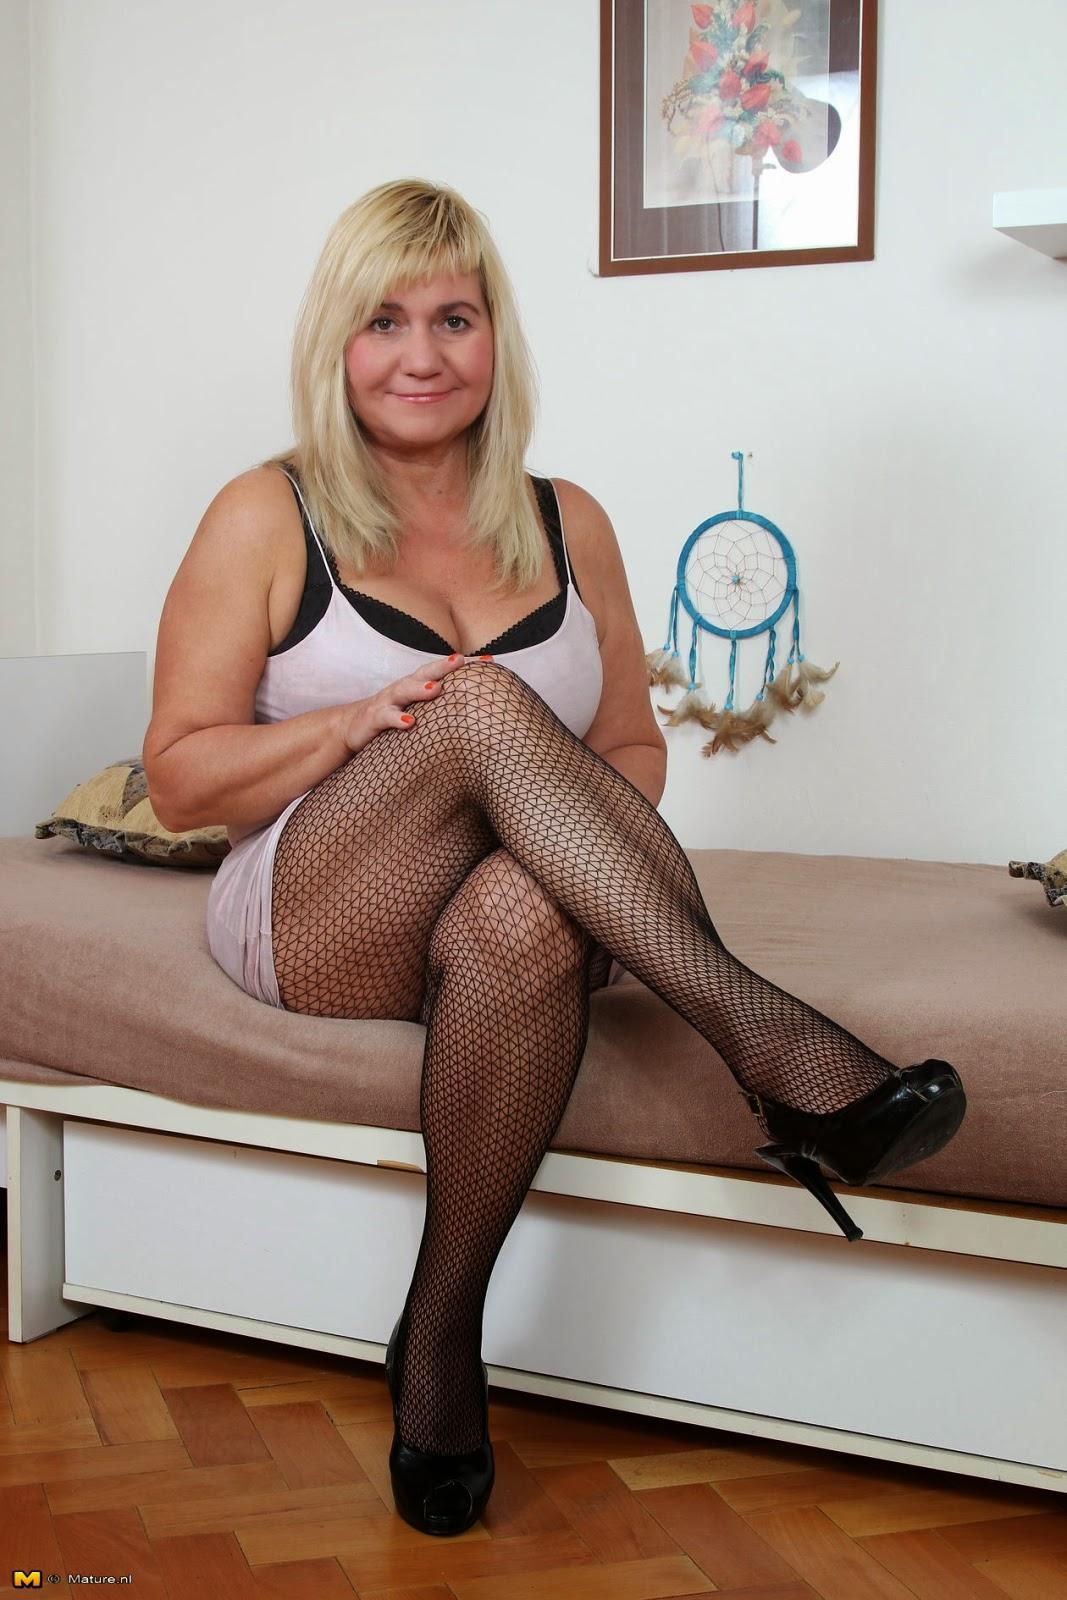 Porrfilmer svenska sexy pantyhose